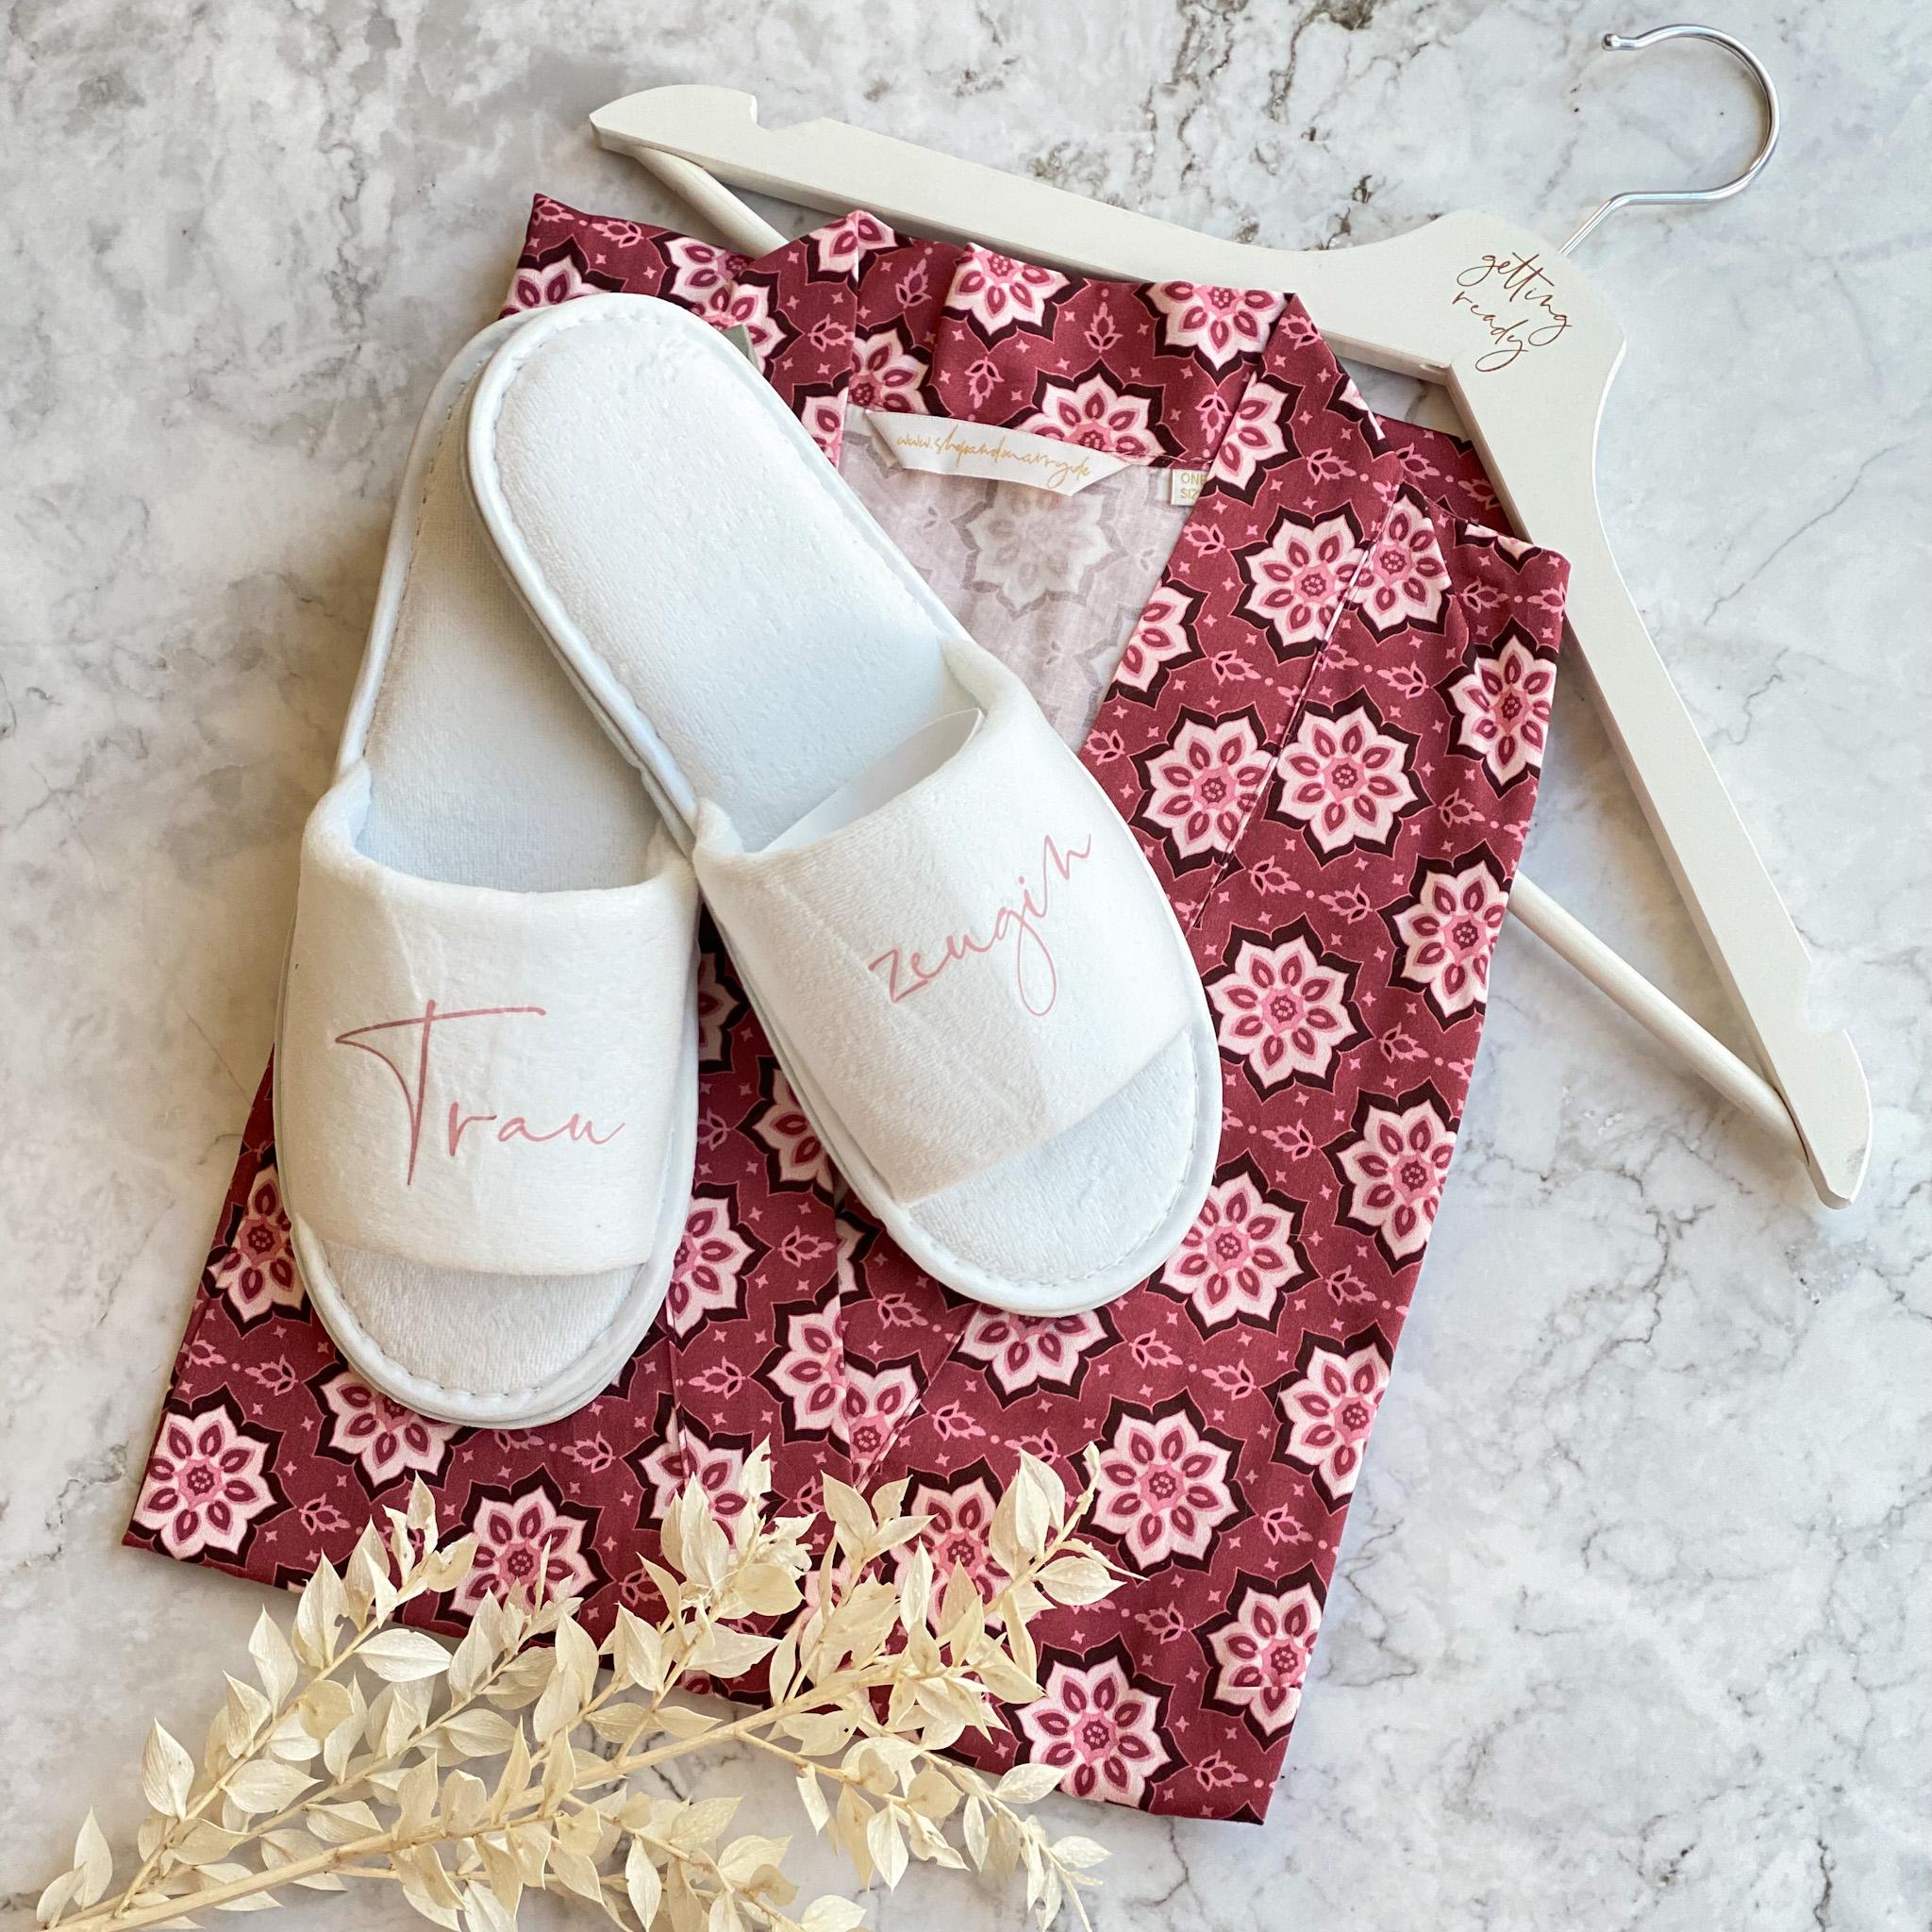 Getting ready Set   Kimono, Pantoffeln und Kleiderbügel   Perfekt für den Hochzeitsmorgen